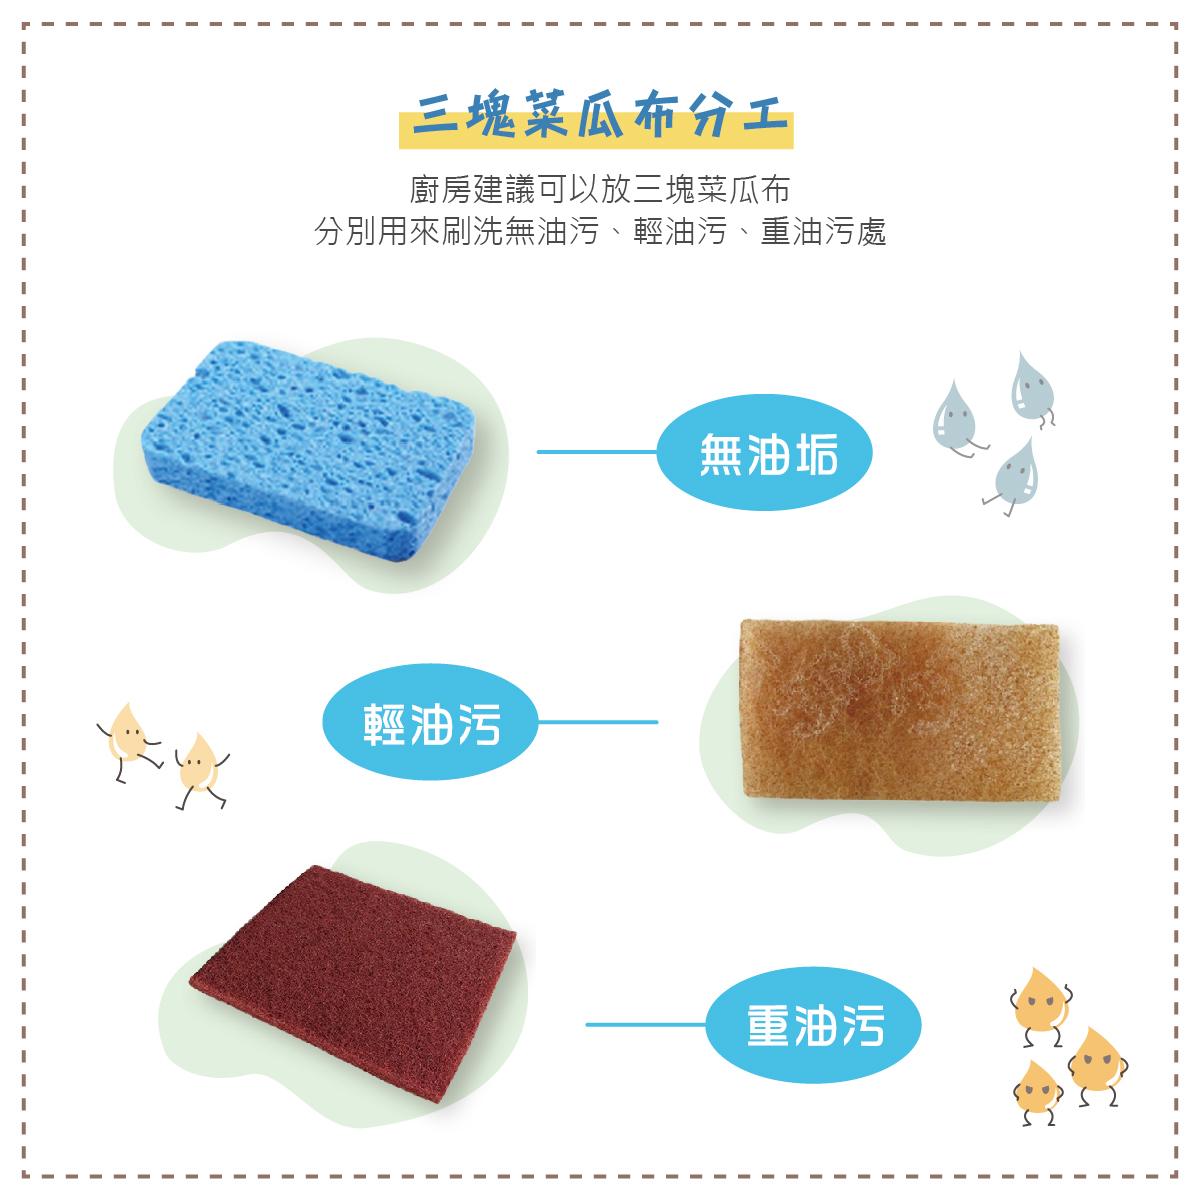 菜瓜布的使用與存放方式